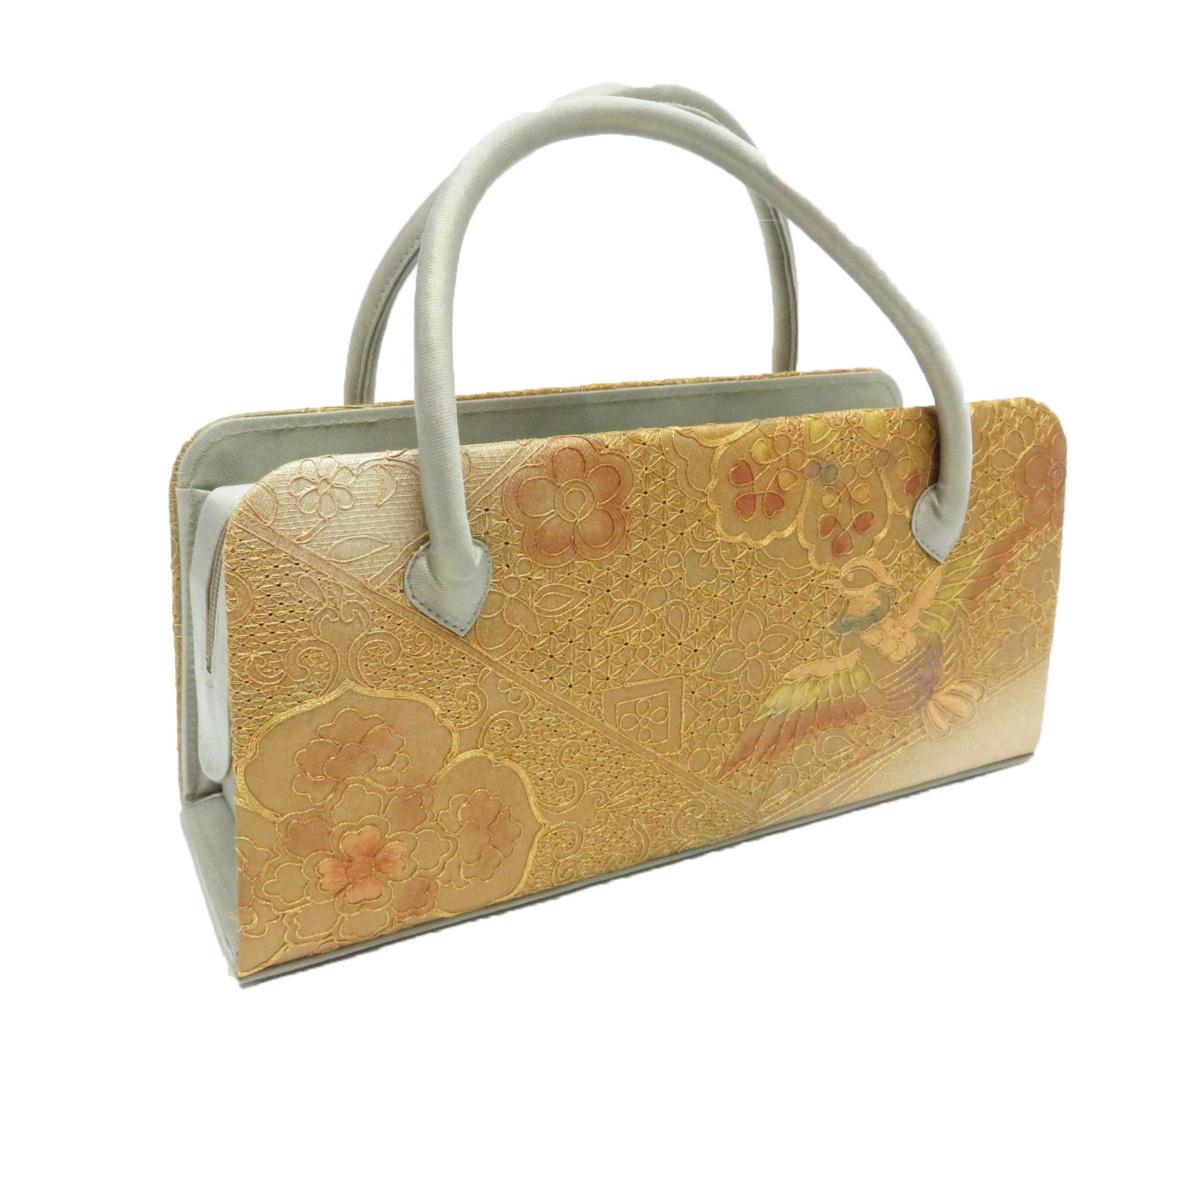 和装 利休バッグ 正絹 帯地使用 スワトウ刺繍 汕頭 5